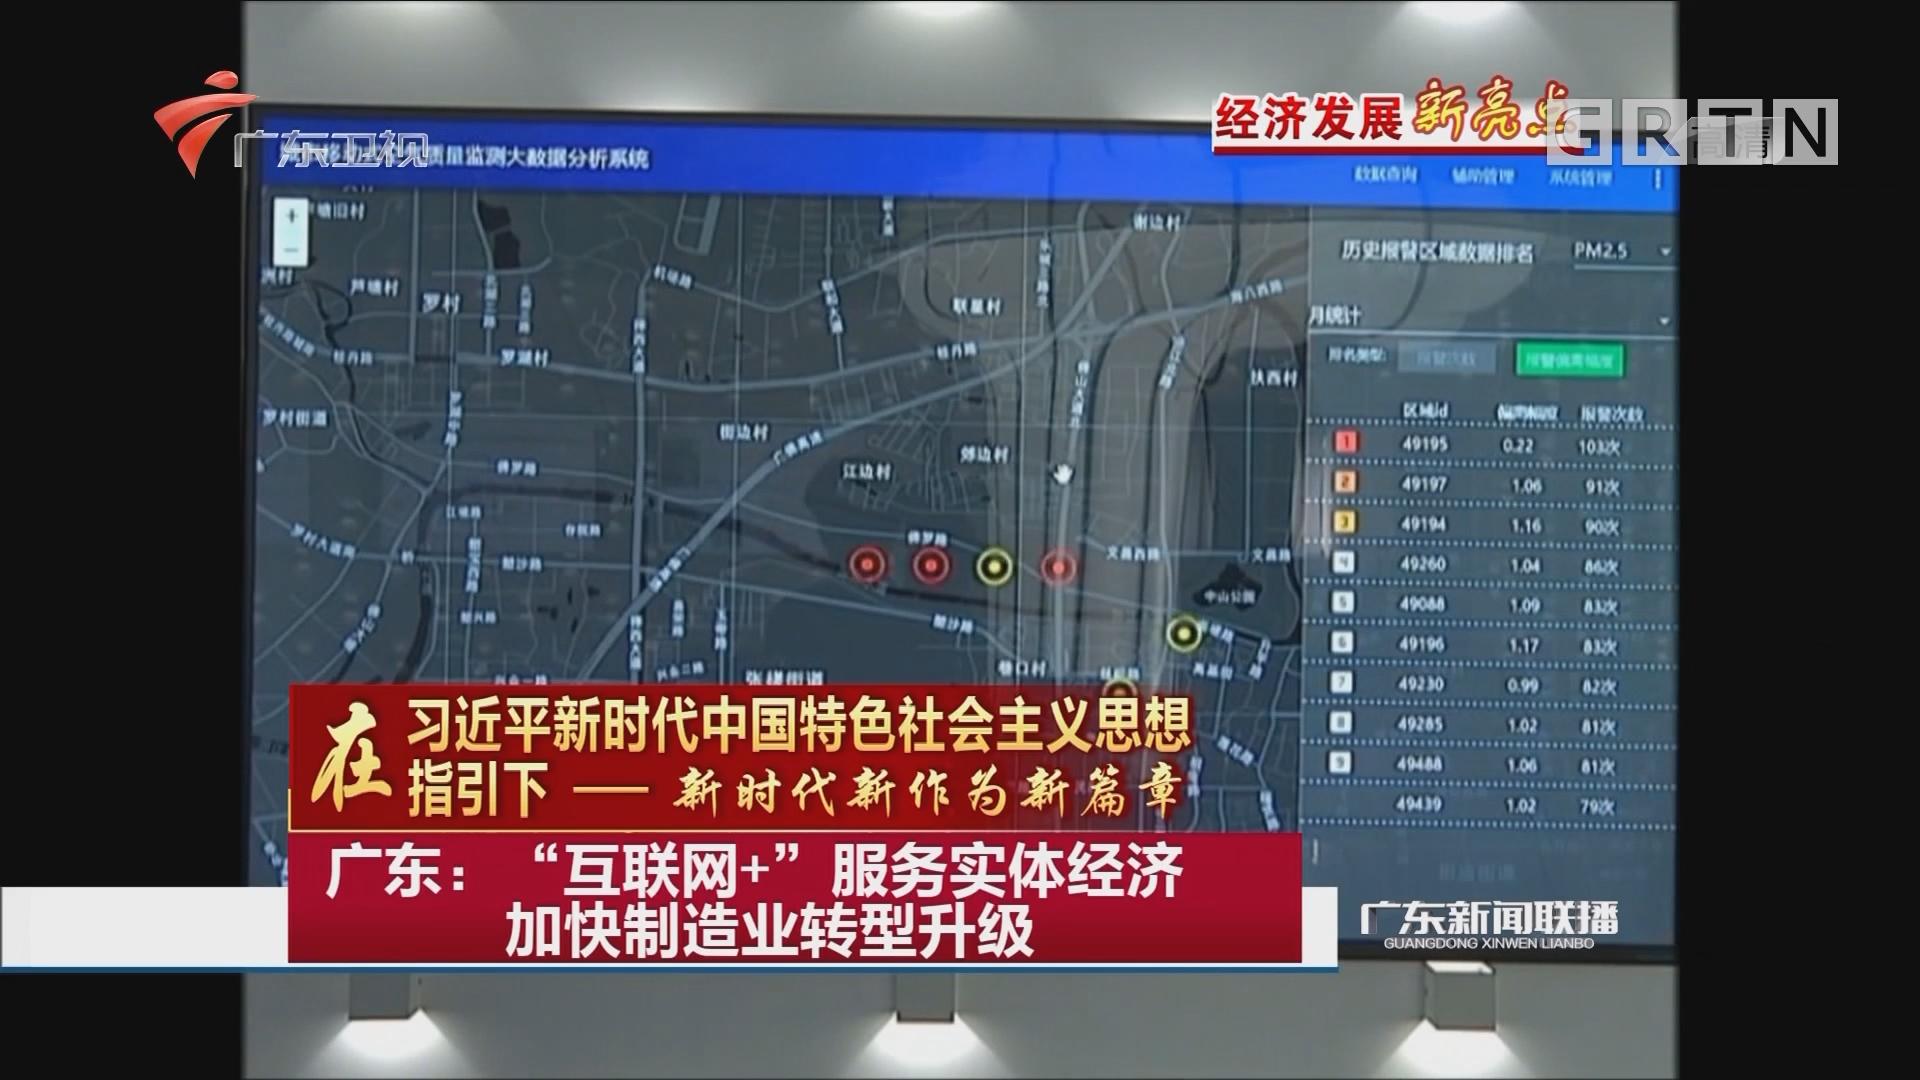 """广东:""""互联网+""""服务实体经济 加快制造业转型升级"""